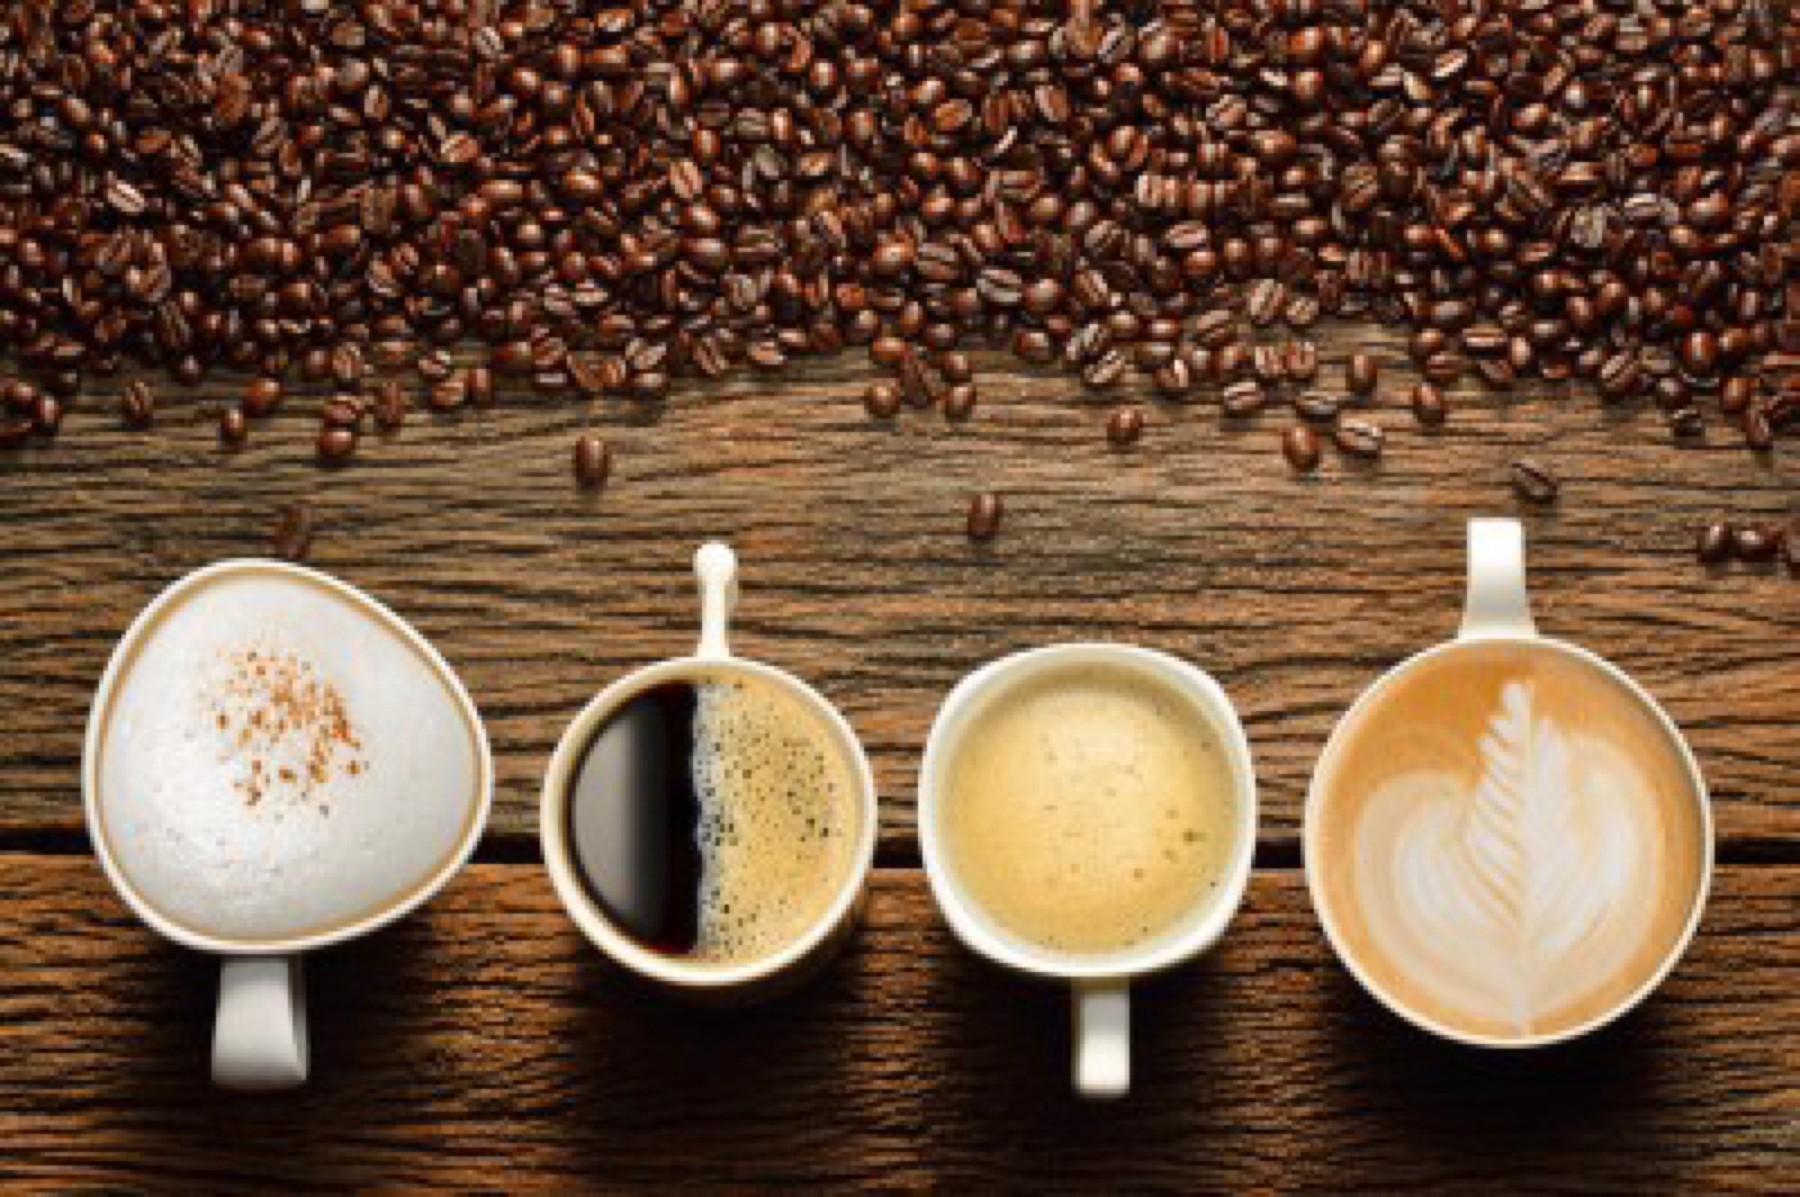 Prepare bebidas deliciosas com café - pitacos e achados